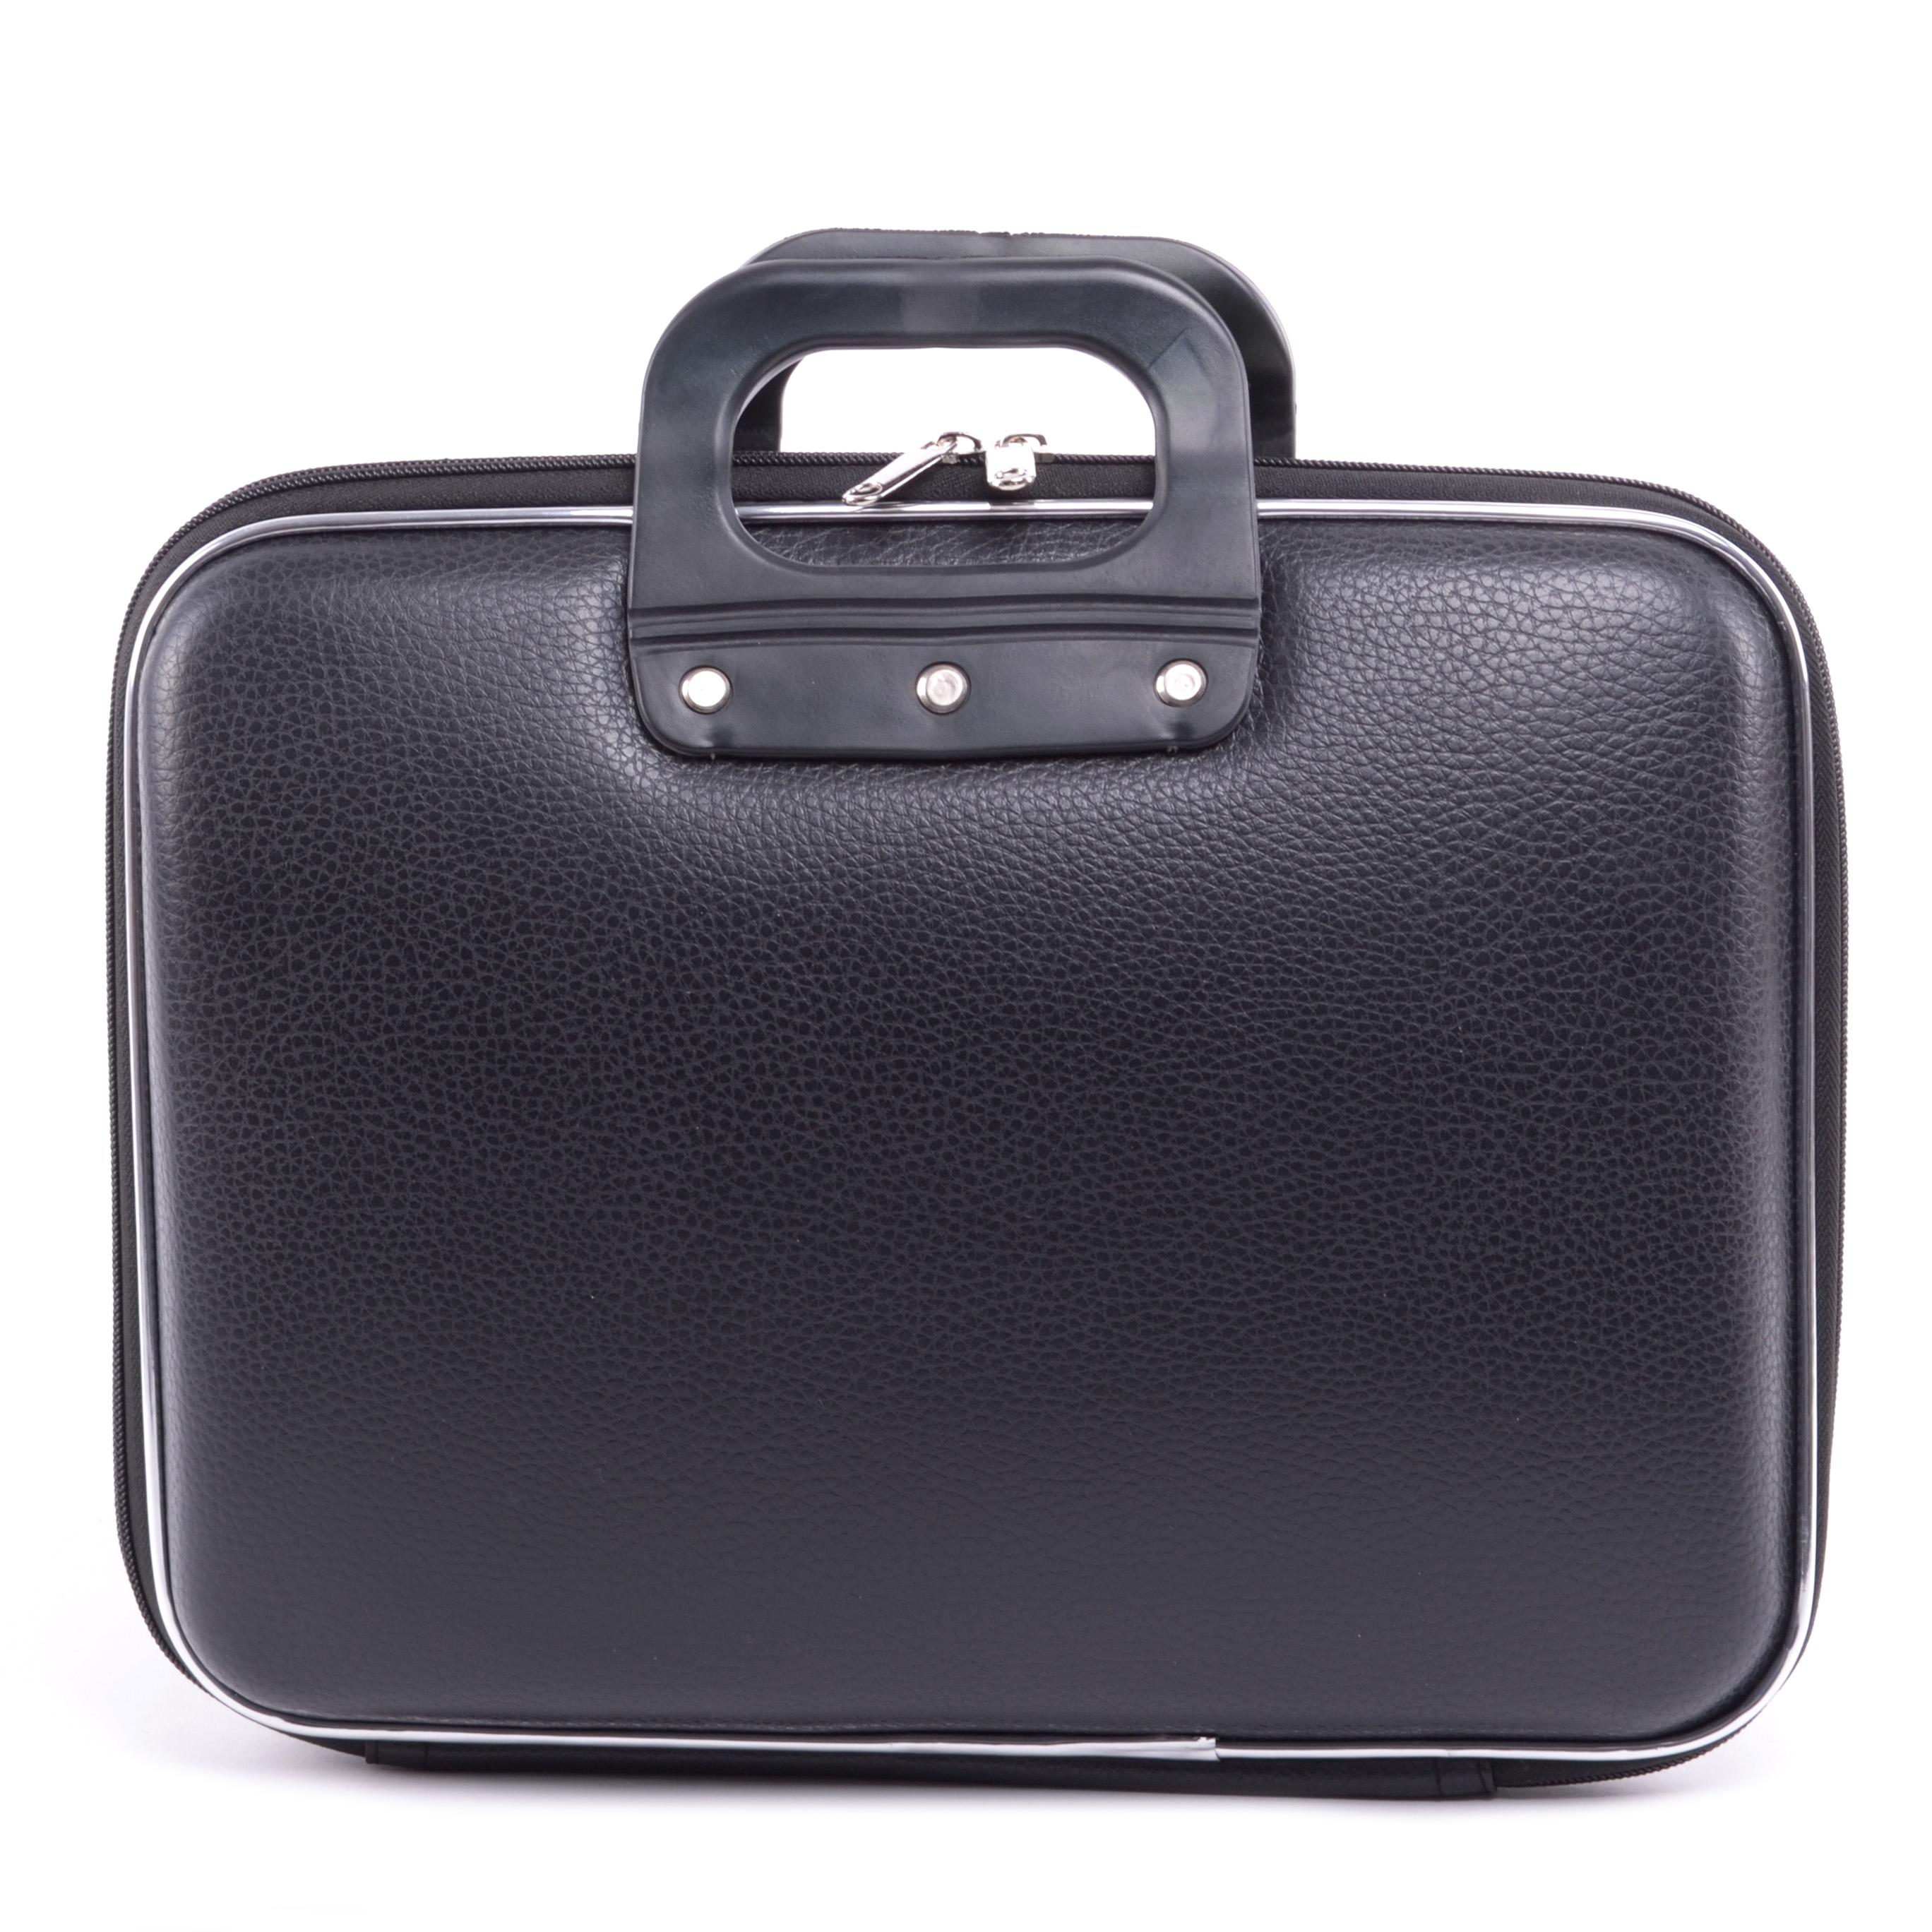 709e2e7578aa Női Műbőr Laptoptáska Fekete Közepes - LAPTOP TÁSKÁK - Táska webáruház -  Minőségi táskák mindenkinek